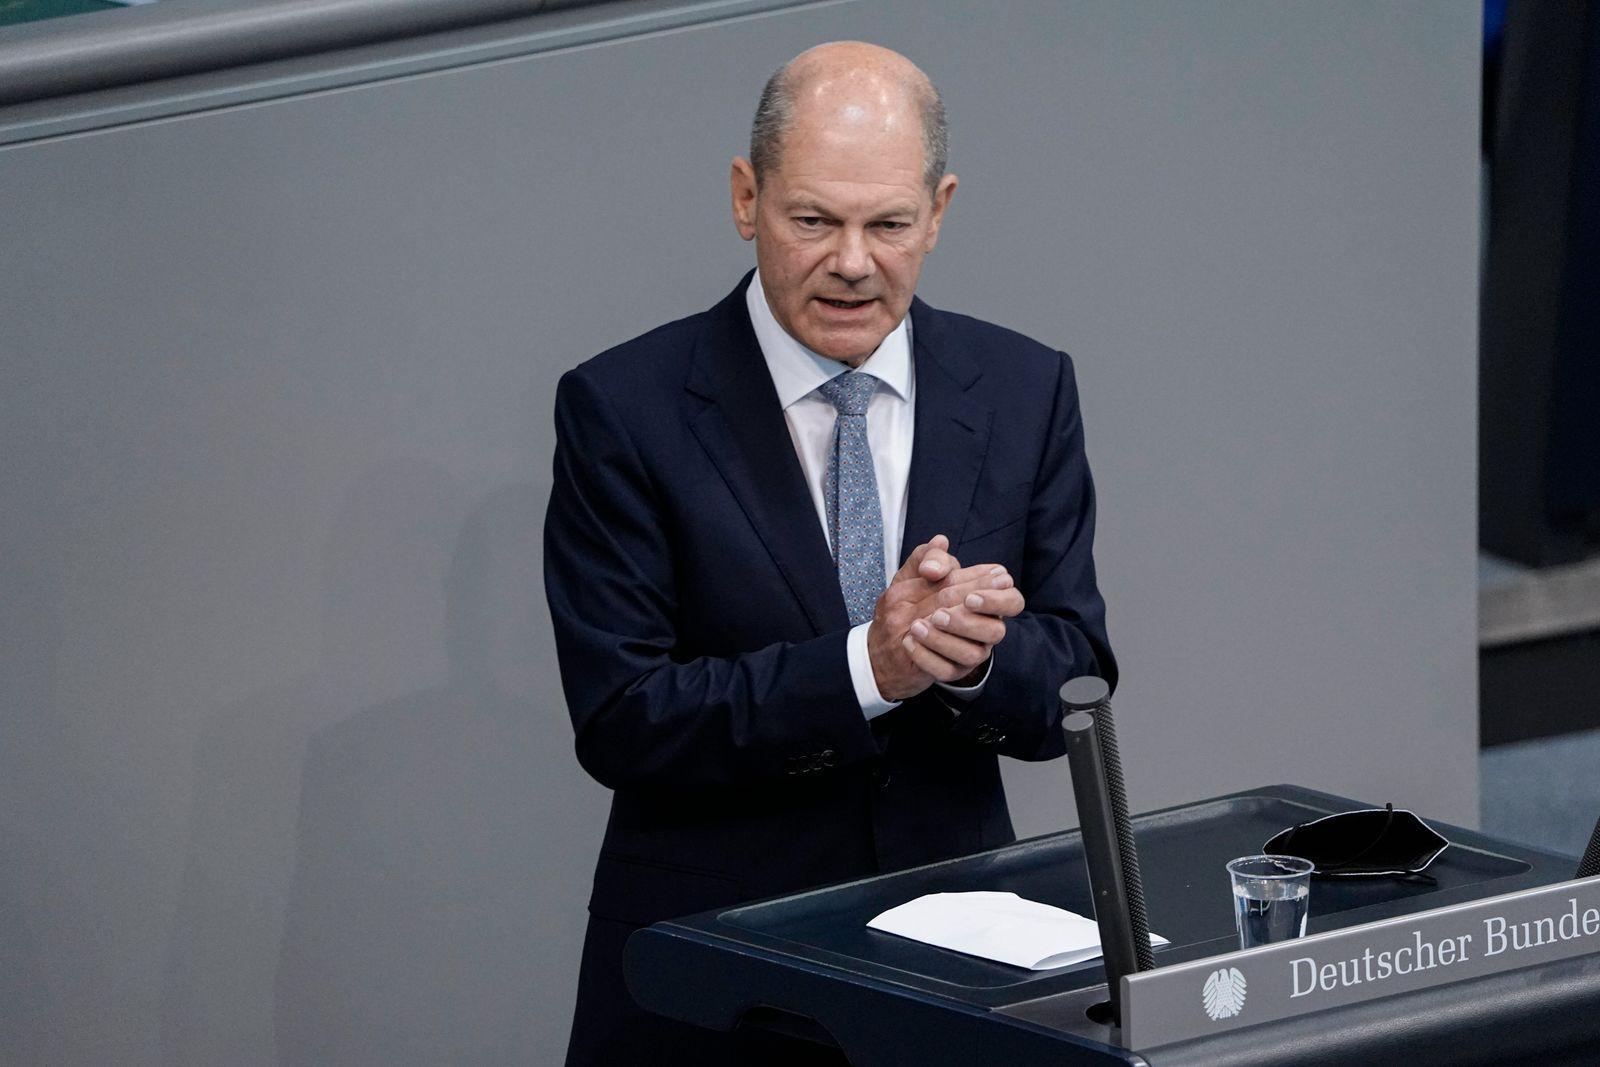 239. Bundestagssitzung und Debatte Aktuell, 07.09.2021, Berlin, Olaf Scholz der Bundesfinanzminister (Bundesminister der